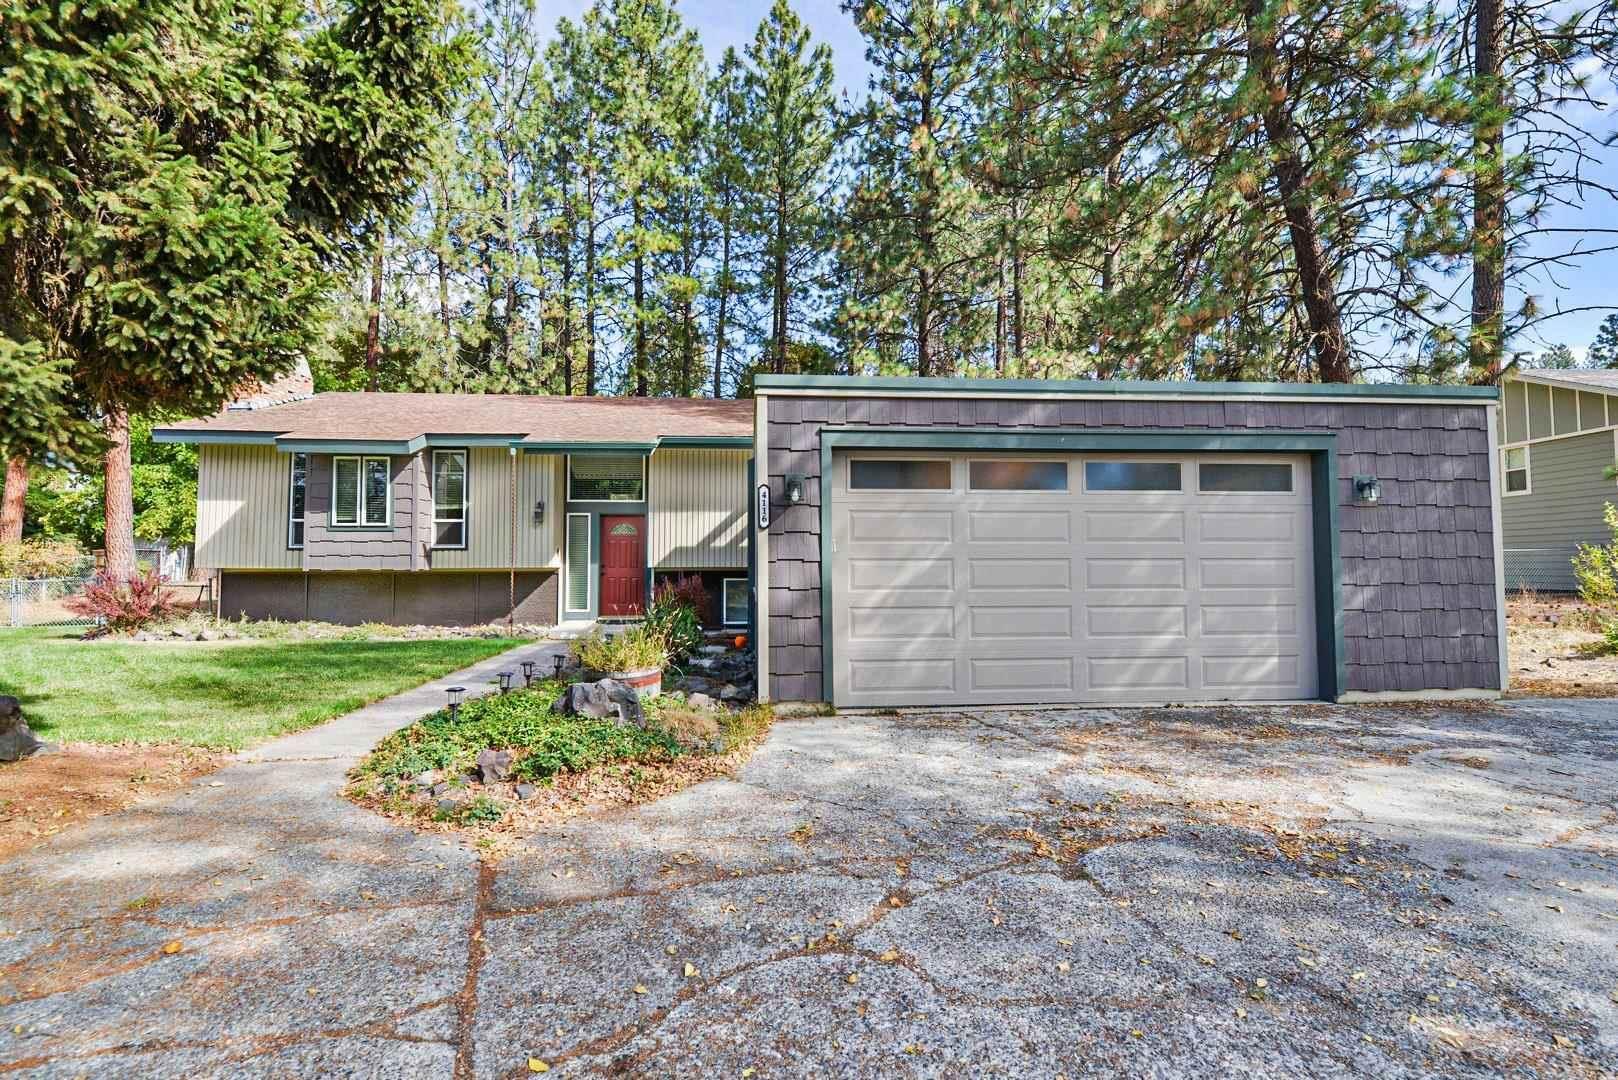 4116 W Indian Trail Rd, Spokane, WA 99208 - #: 202123205